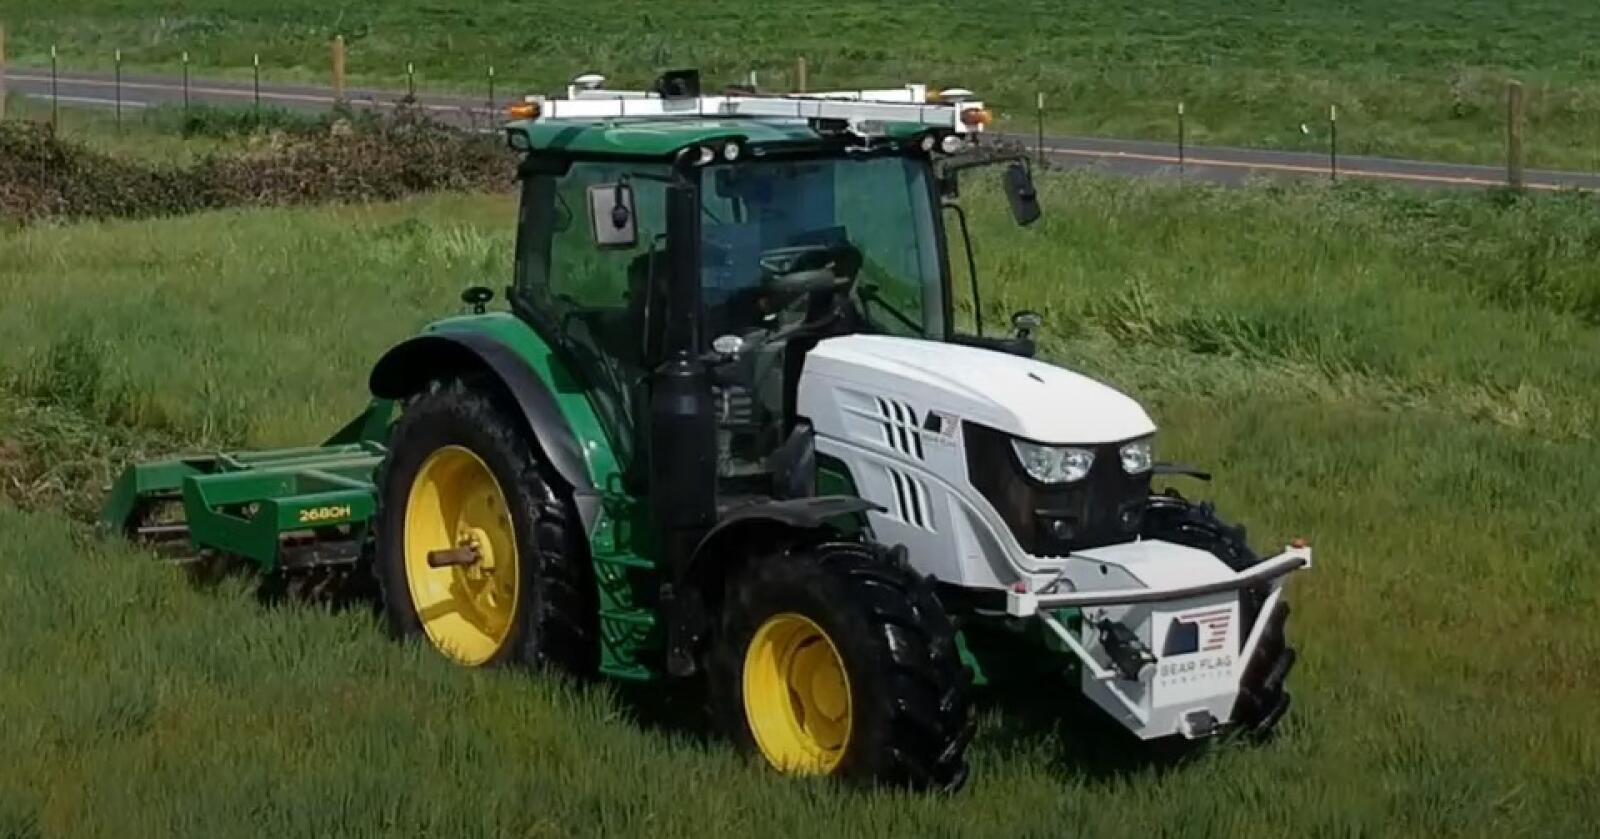 AUTONOM: John Deere har kjøpt Bear Flag Robotics for å gjøre traktorene sine selvkjørende. Foto: Skjermdump fra YouTube